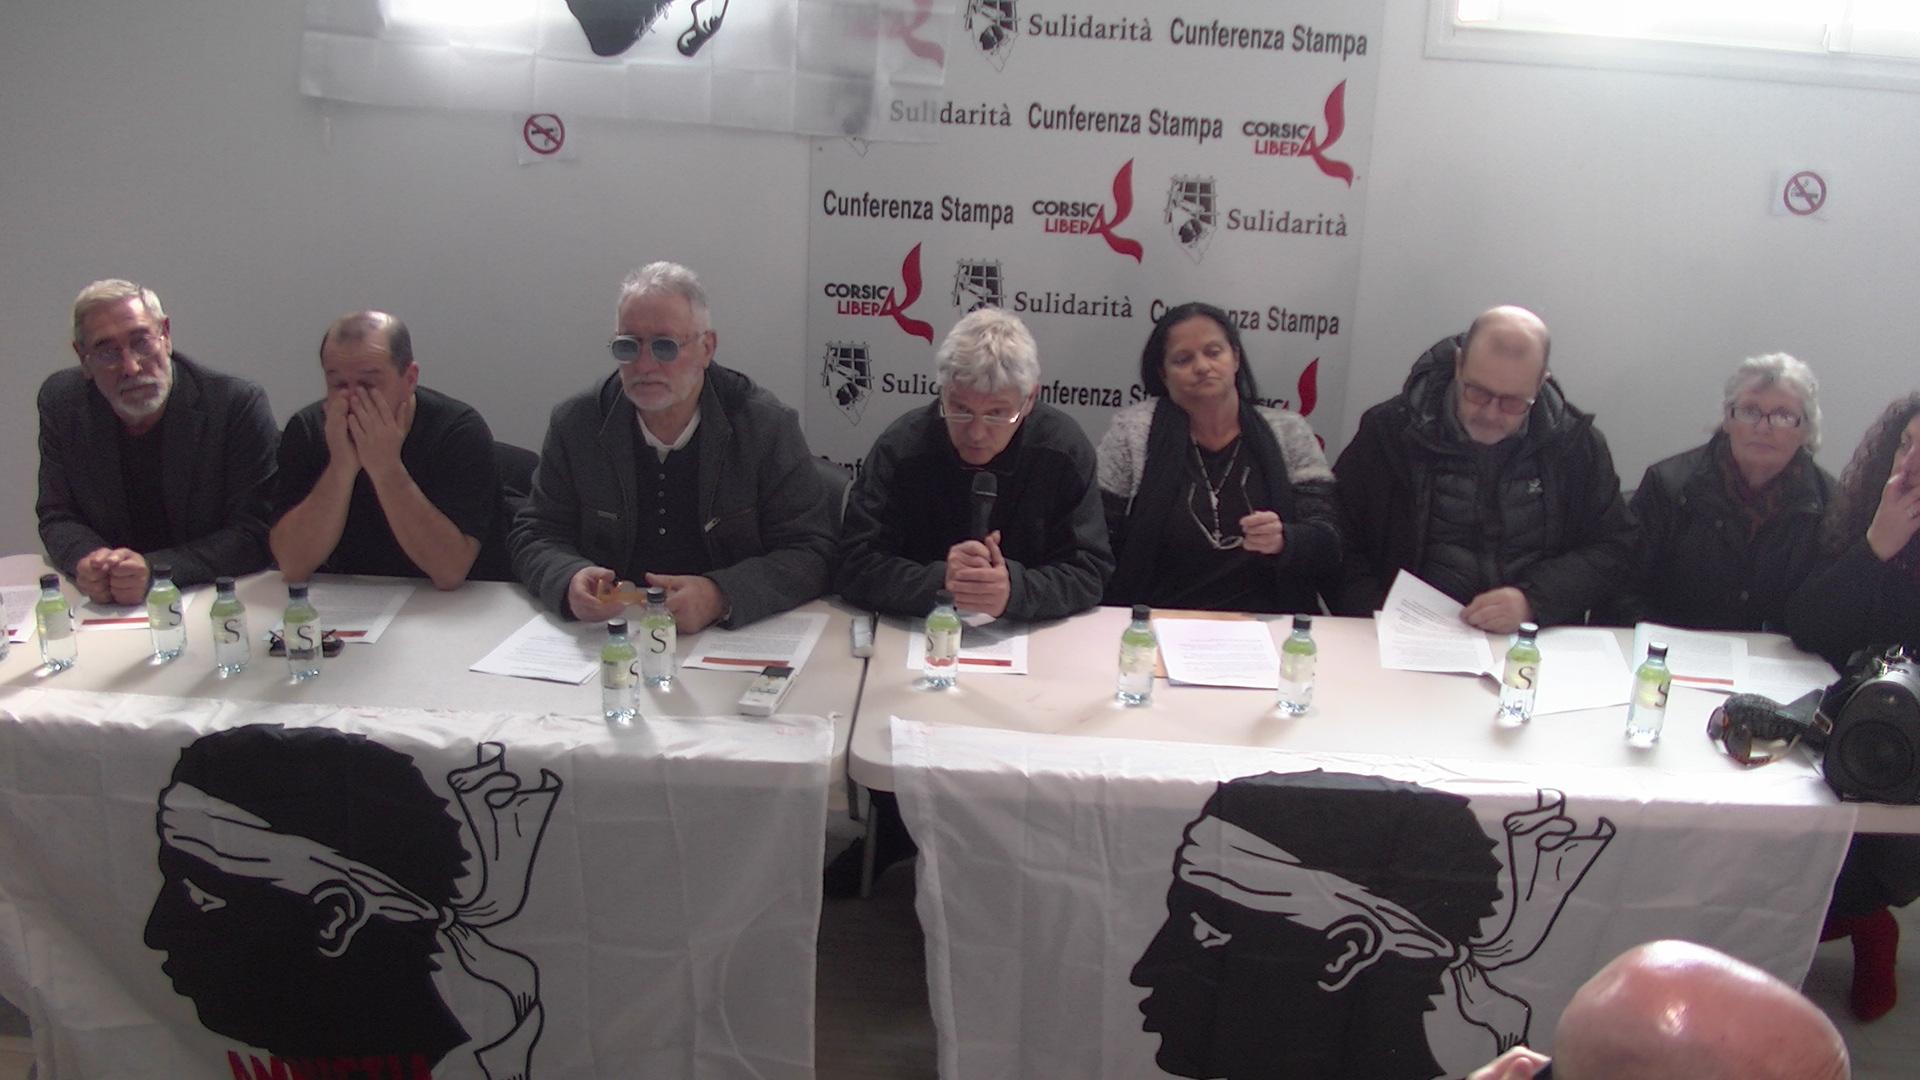 Corsica Libera et l'Associu Sulidarità demandent  la création d'une commission dédiée à la libération des prisonniers politiques